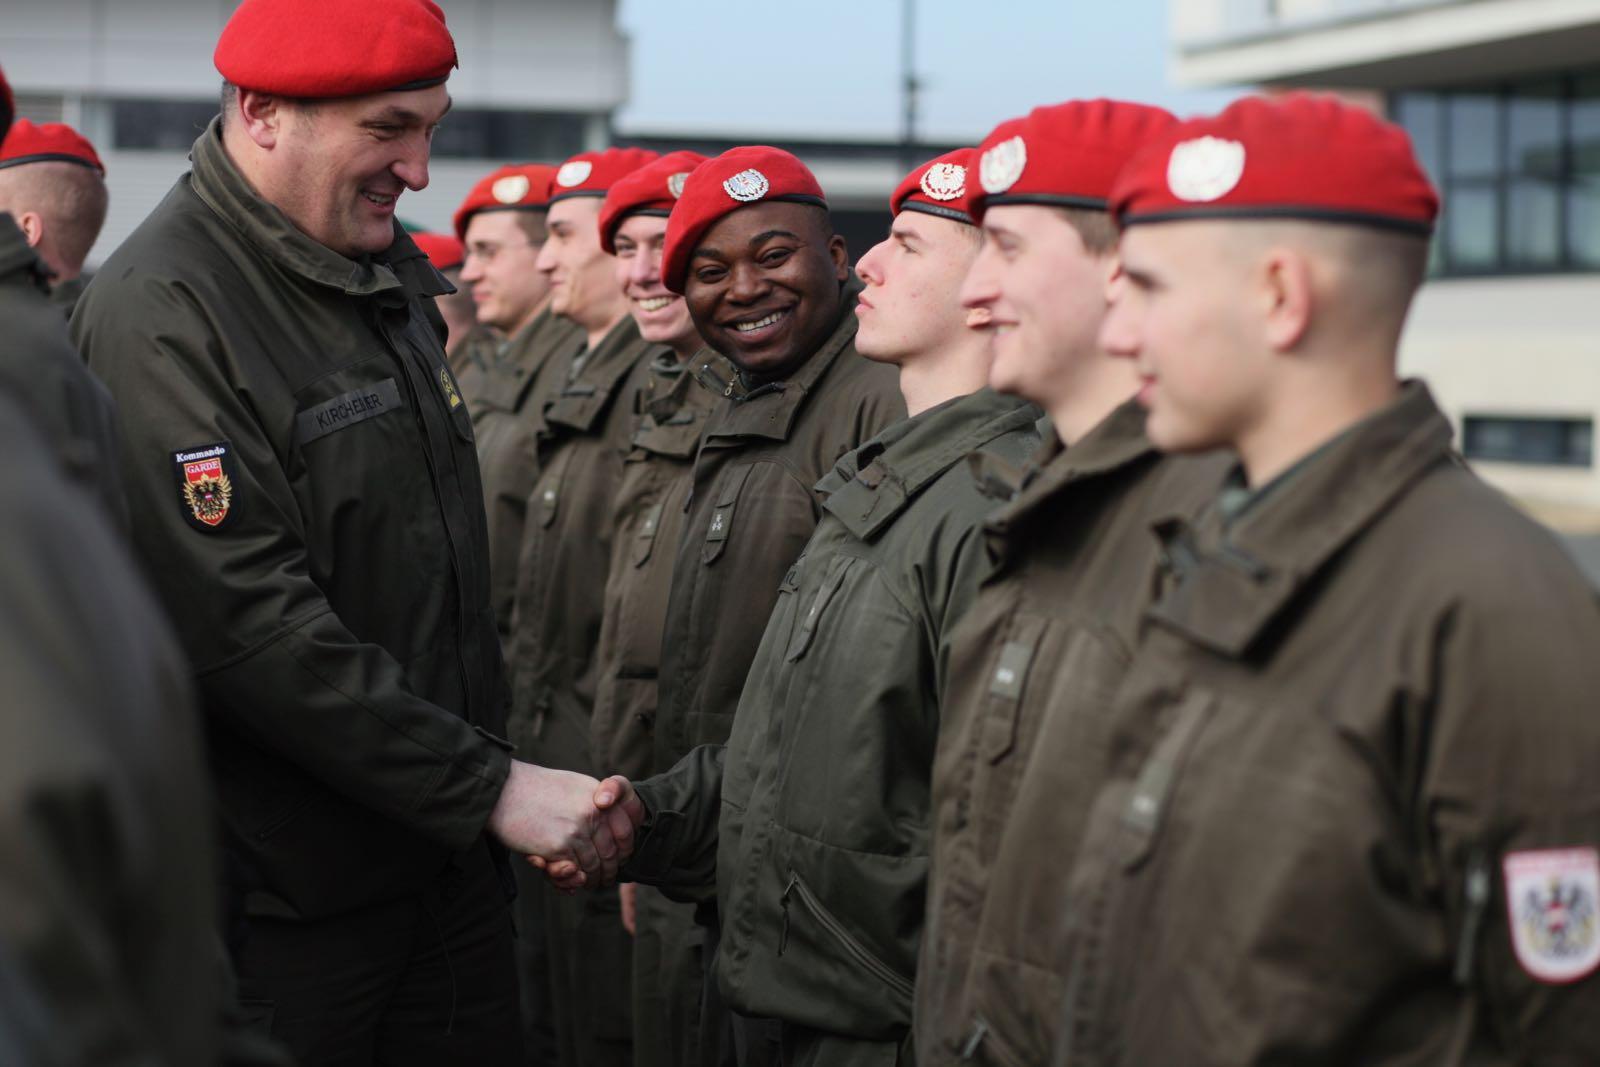 2019_02_08_5Gardekompanie_KPE_EUFOR30_Verabschiedung - 60 of 61